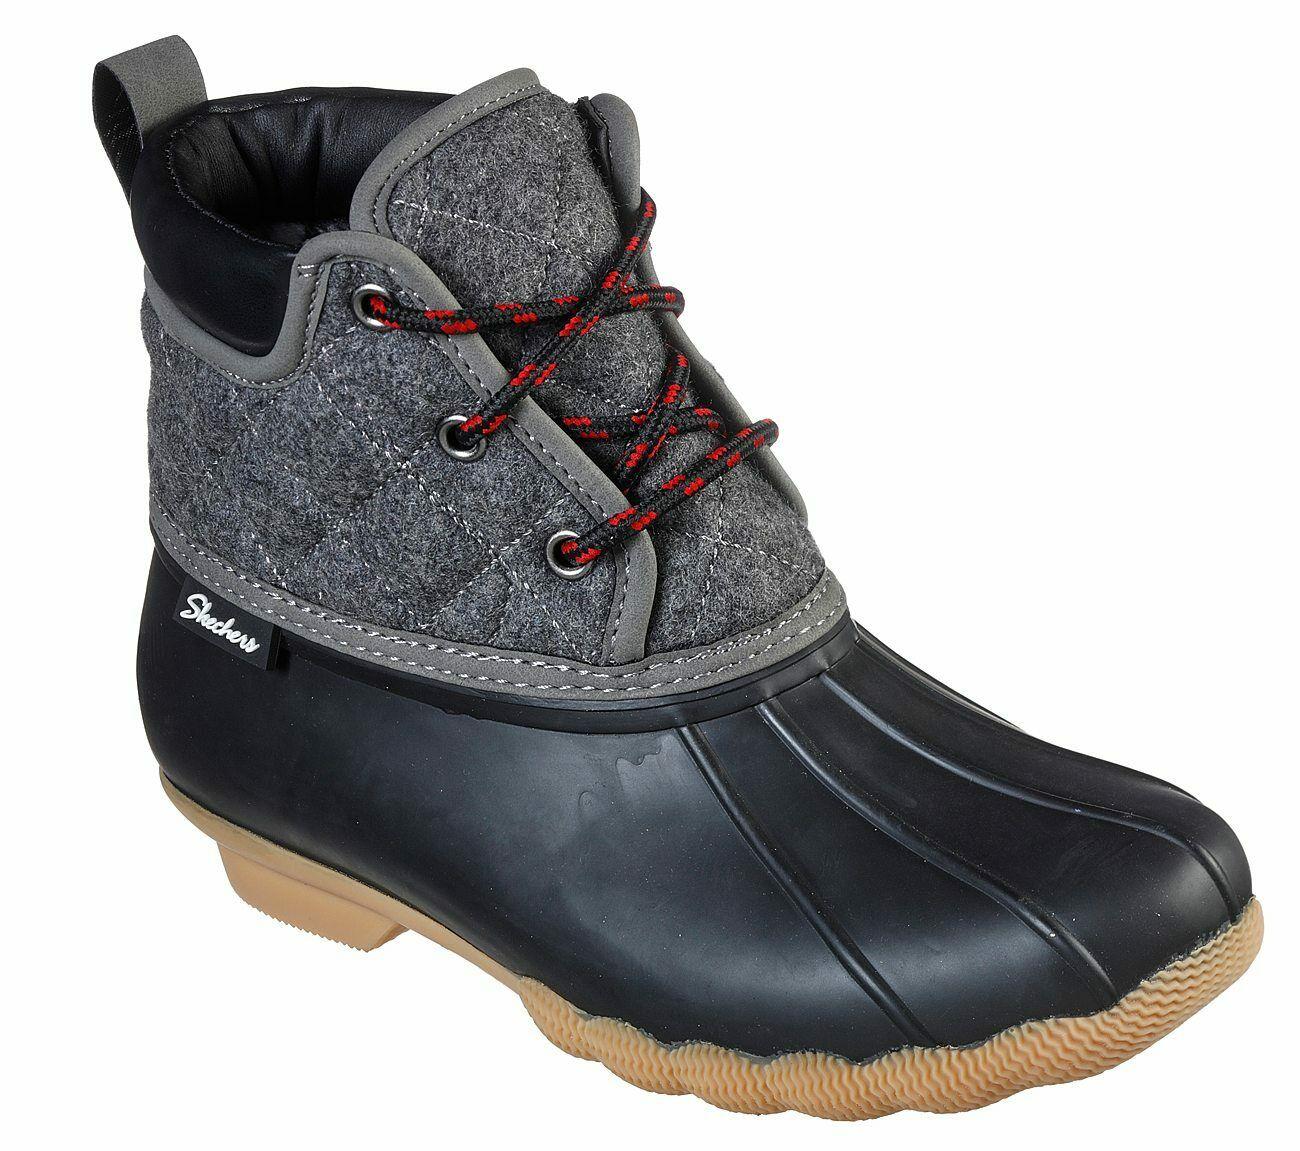 En el piso explosión Cambio  Skechers Pond-Lil Charcos Impermeables para Mujer Tobillo Botas de Lluvia |  eBay